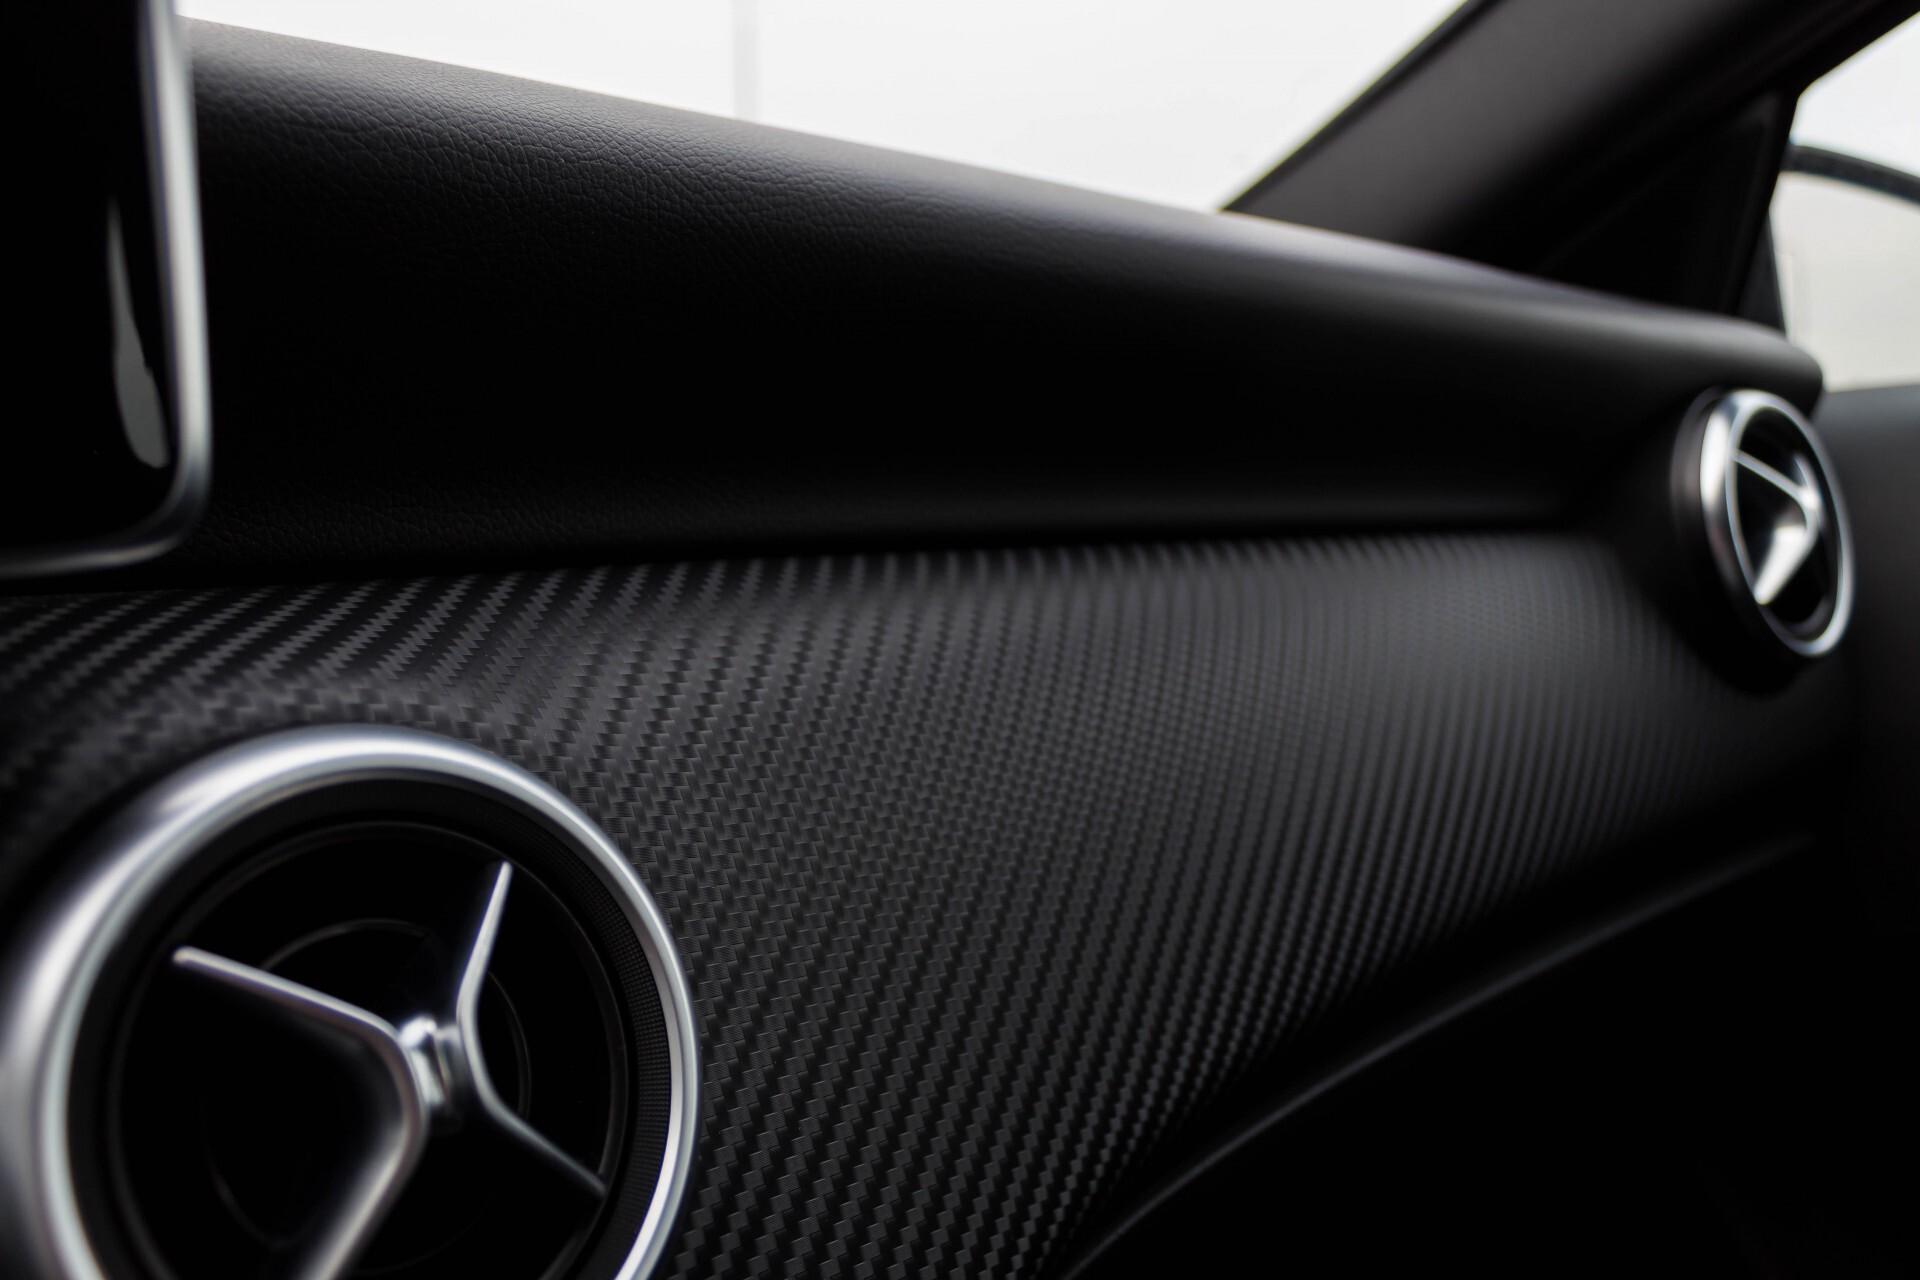 Mercedes-Benz A-Klasse 180 Cdi AMG Panorama Bi-xenon/Navi/PTS Aut7 Foto 15